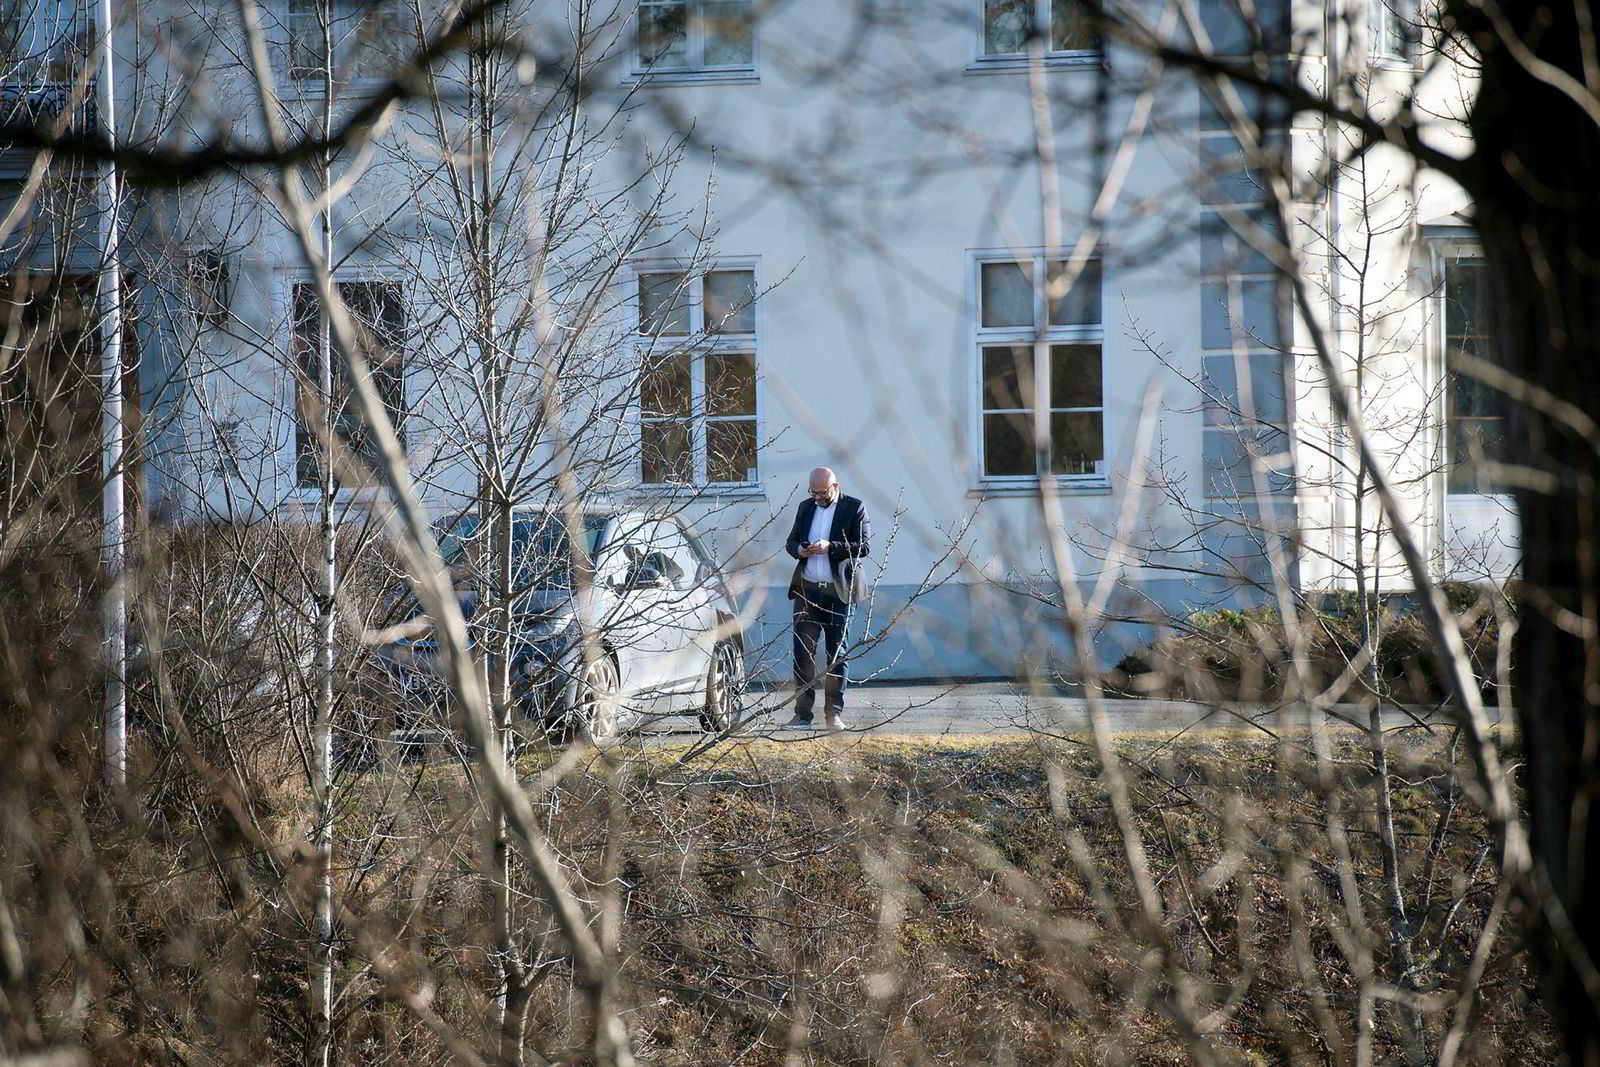 Før vinterferien møttes Terje Tinholt og Jens Ulltveit-Moe til samtaler på Fornebu Hovedgård uten å bli enige. De to er naboer i Dicks vei på Lysaker.